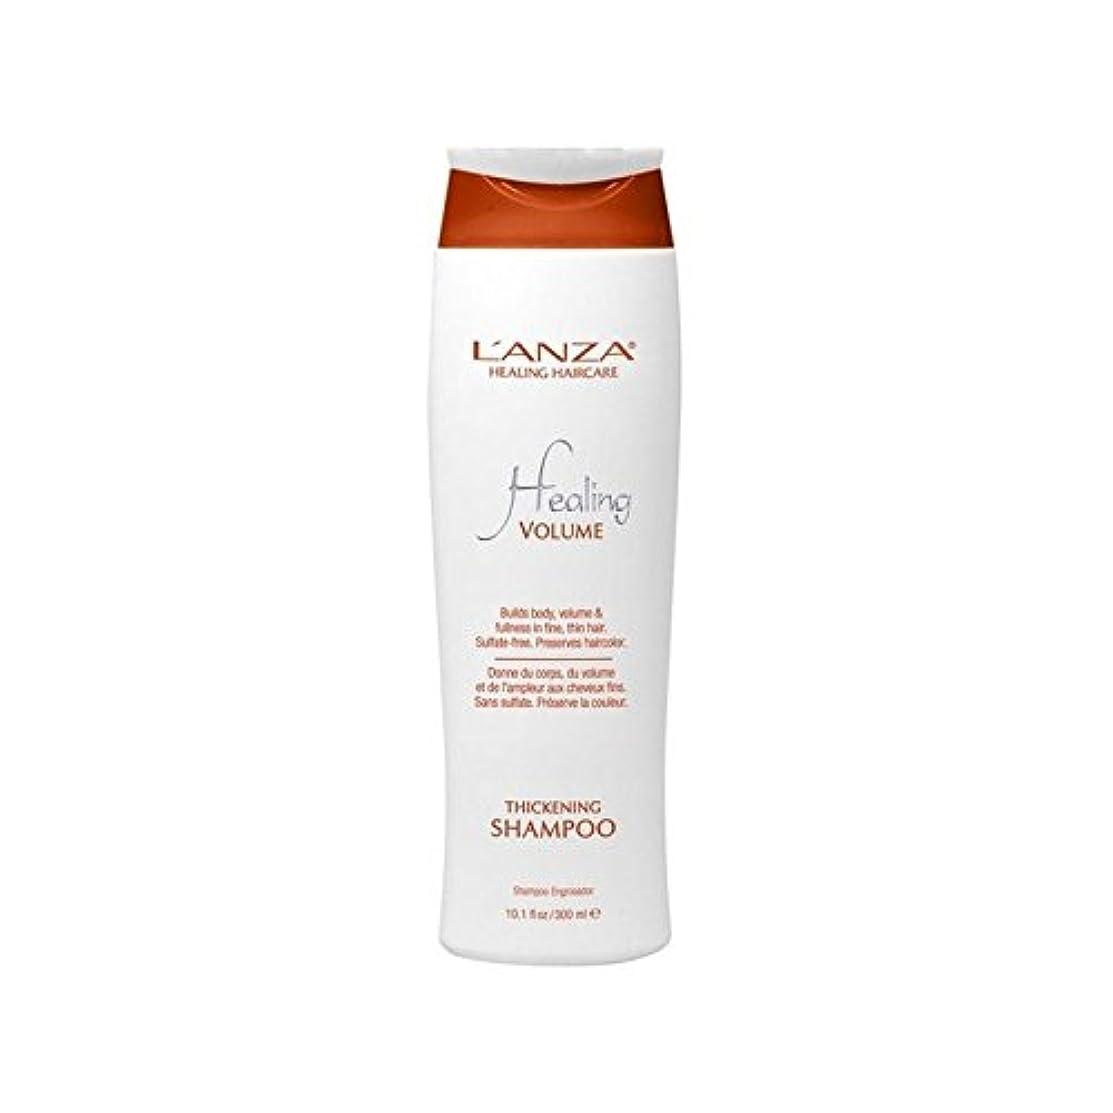 作りますパスリレーアンザ癒しのボリューム肥厚シャンプー(300ミリリットル) x4 - L'Anza Healing Volume Thickening Shampoo (300ml) (Pack of 4) [並行輸入品]